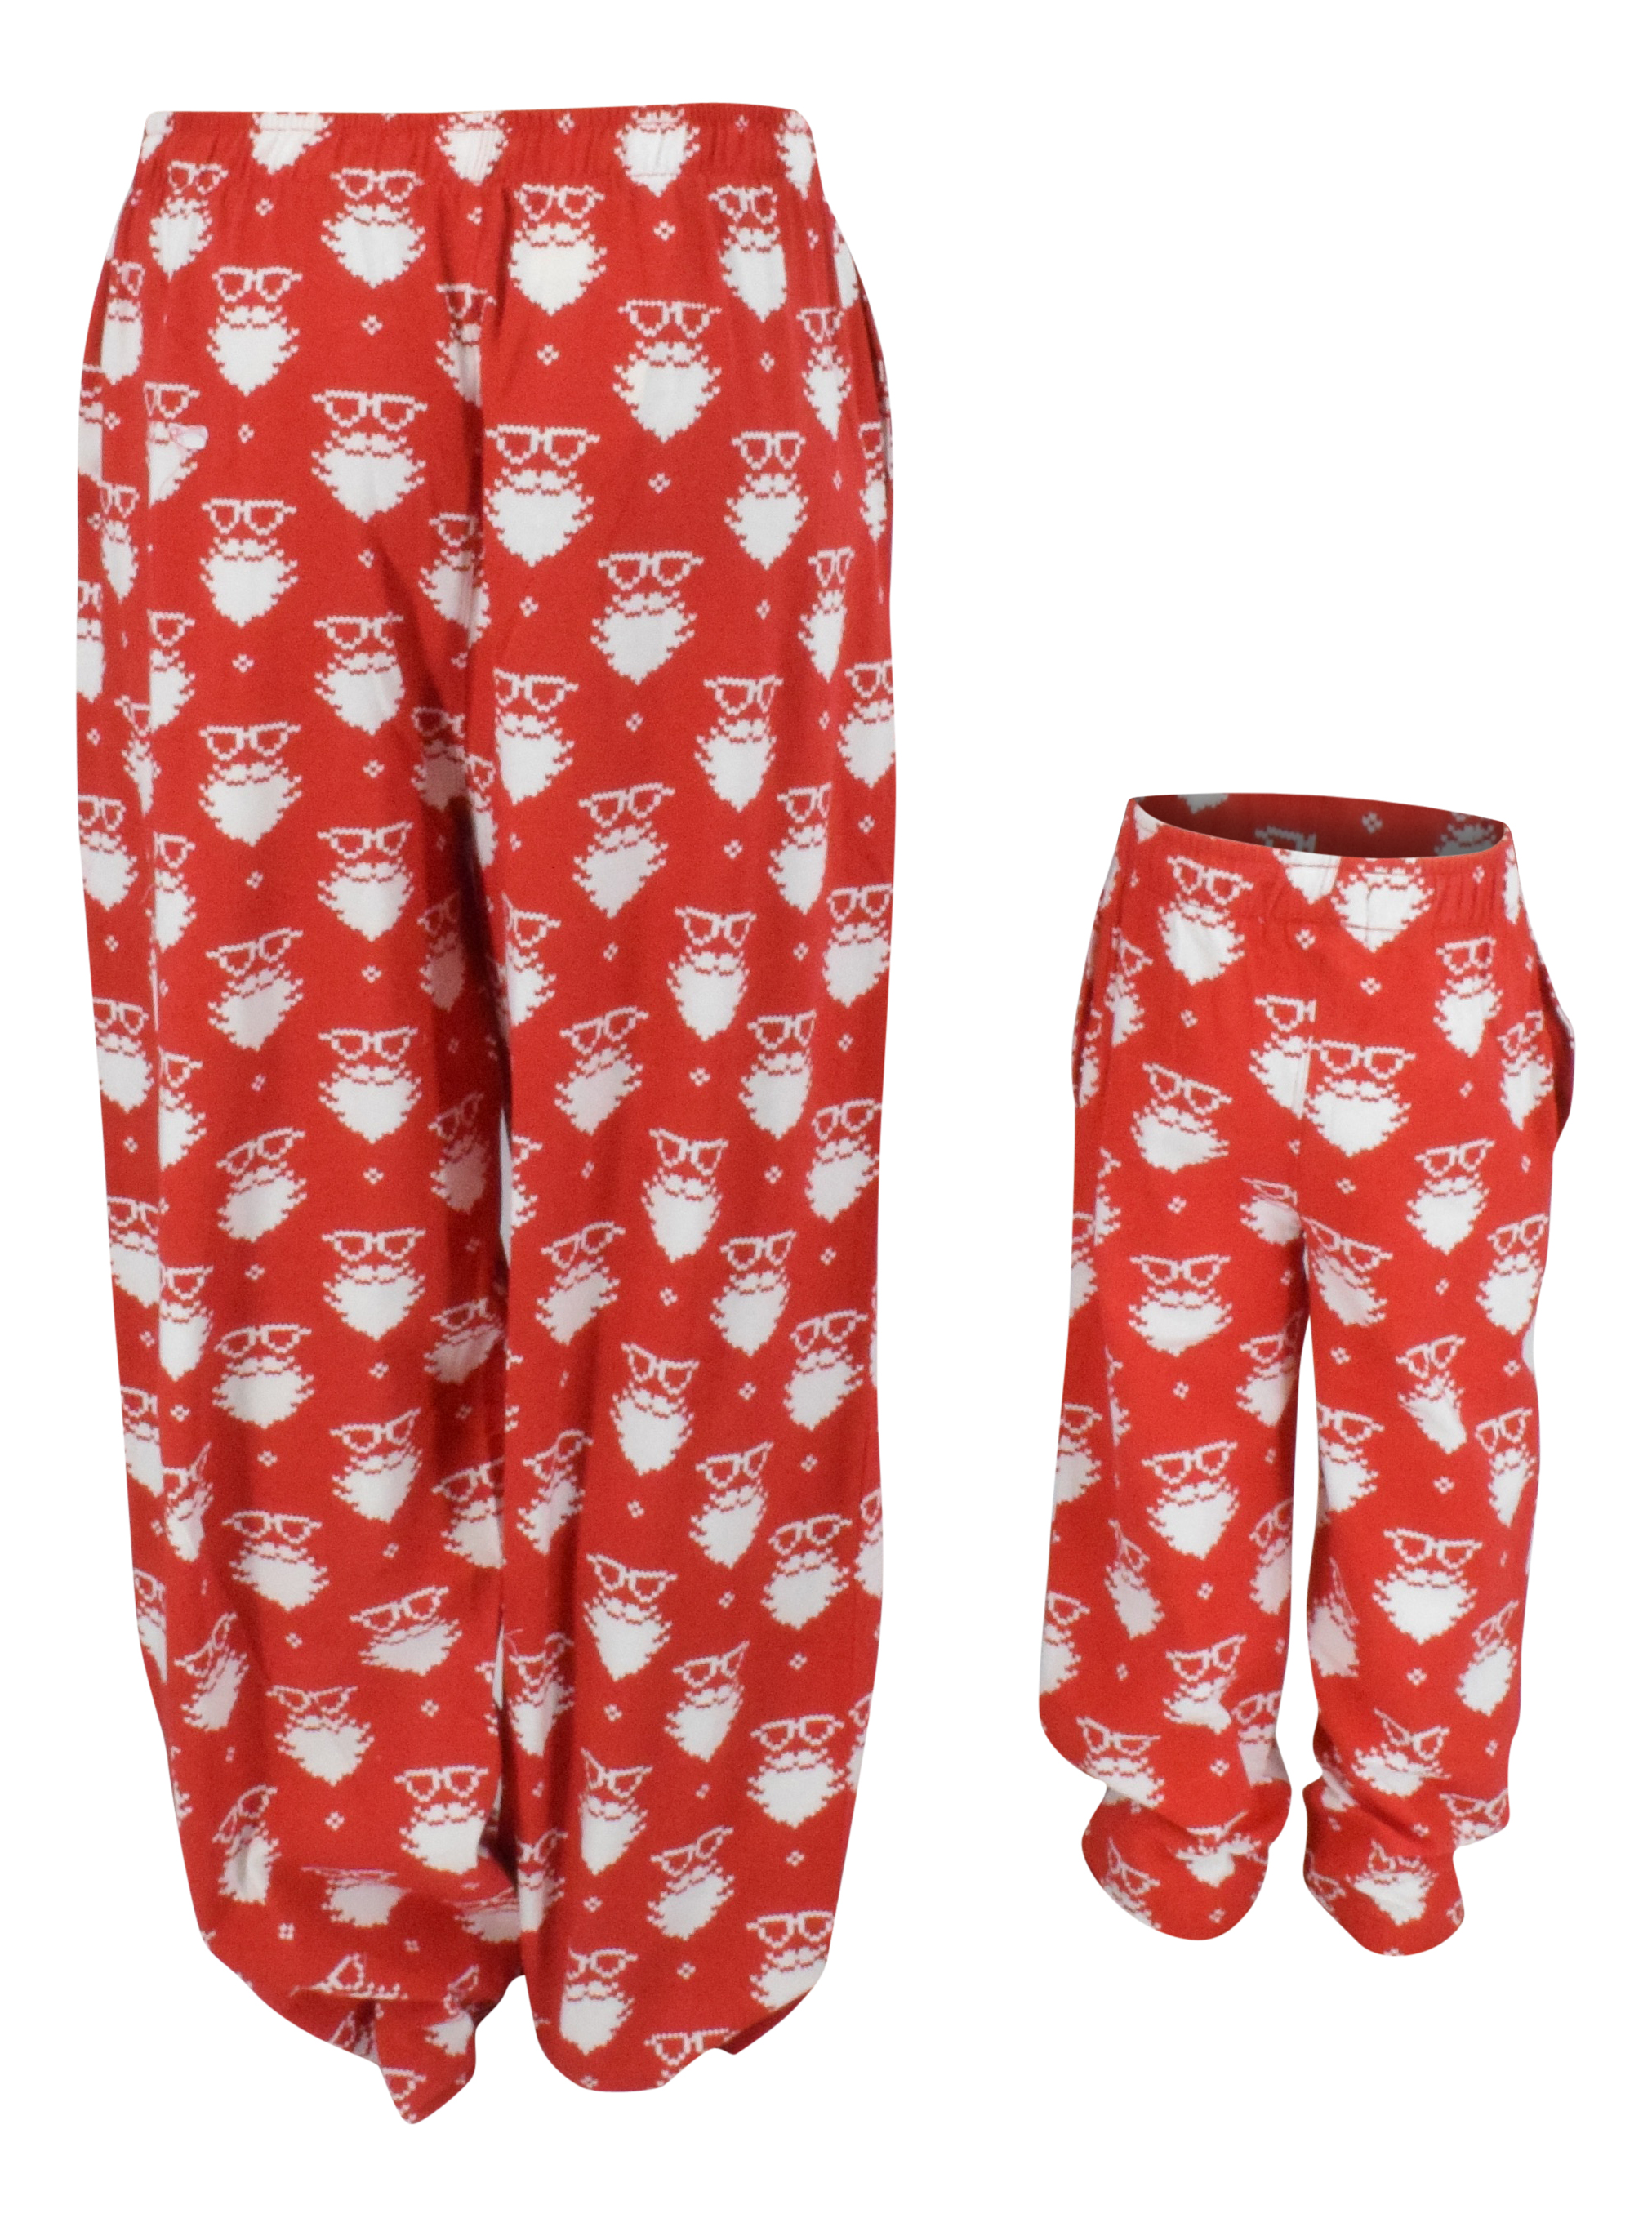 Christmas Pajama Pants.Ub Boys Christmas Santa Matching Family Pajama Pants 5t